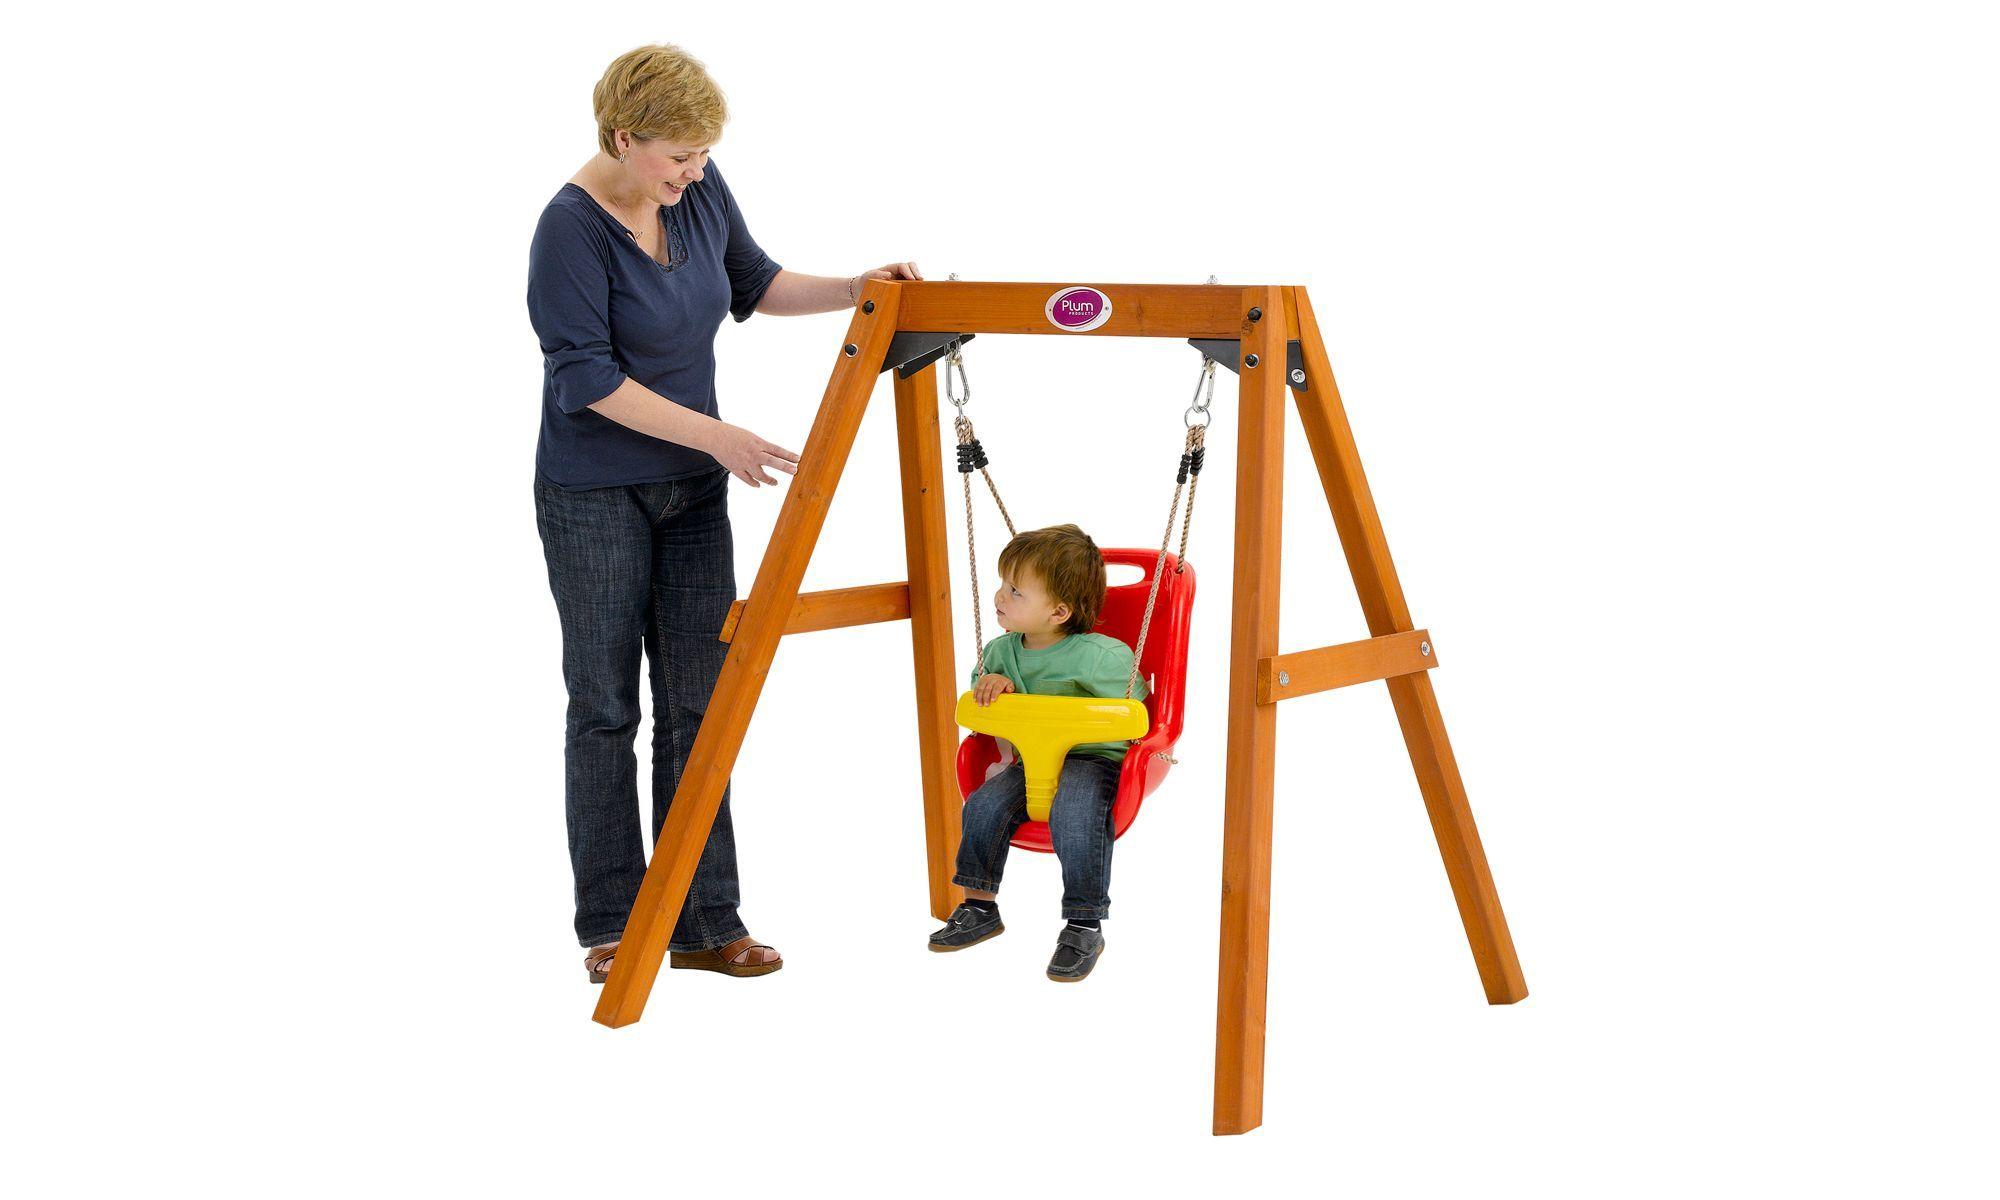 Plum Wooden Baby Swing Set Baby swing outdoor